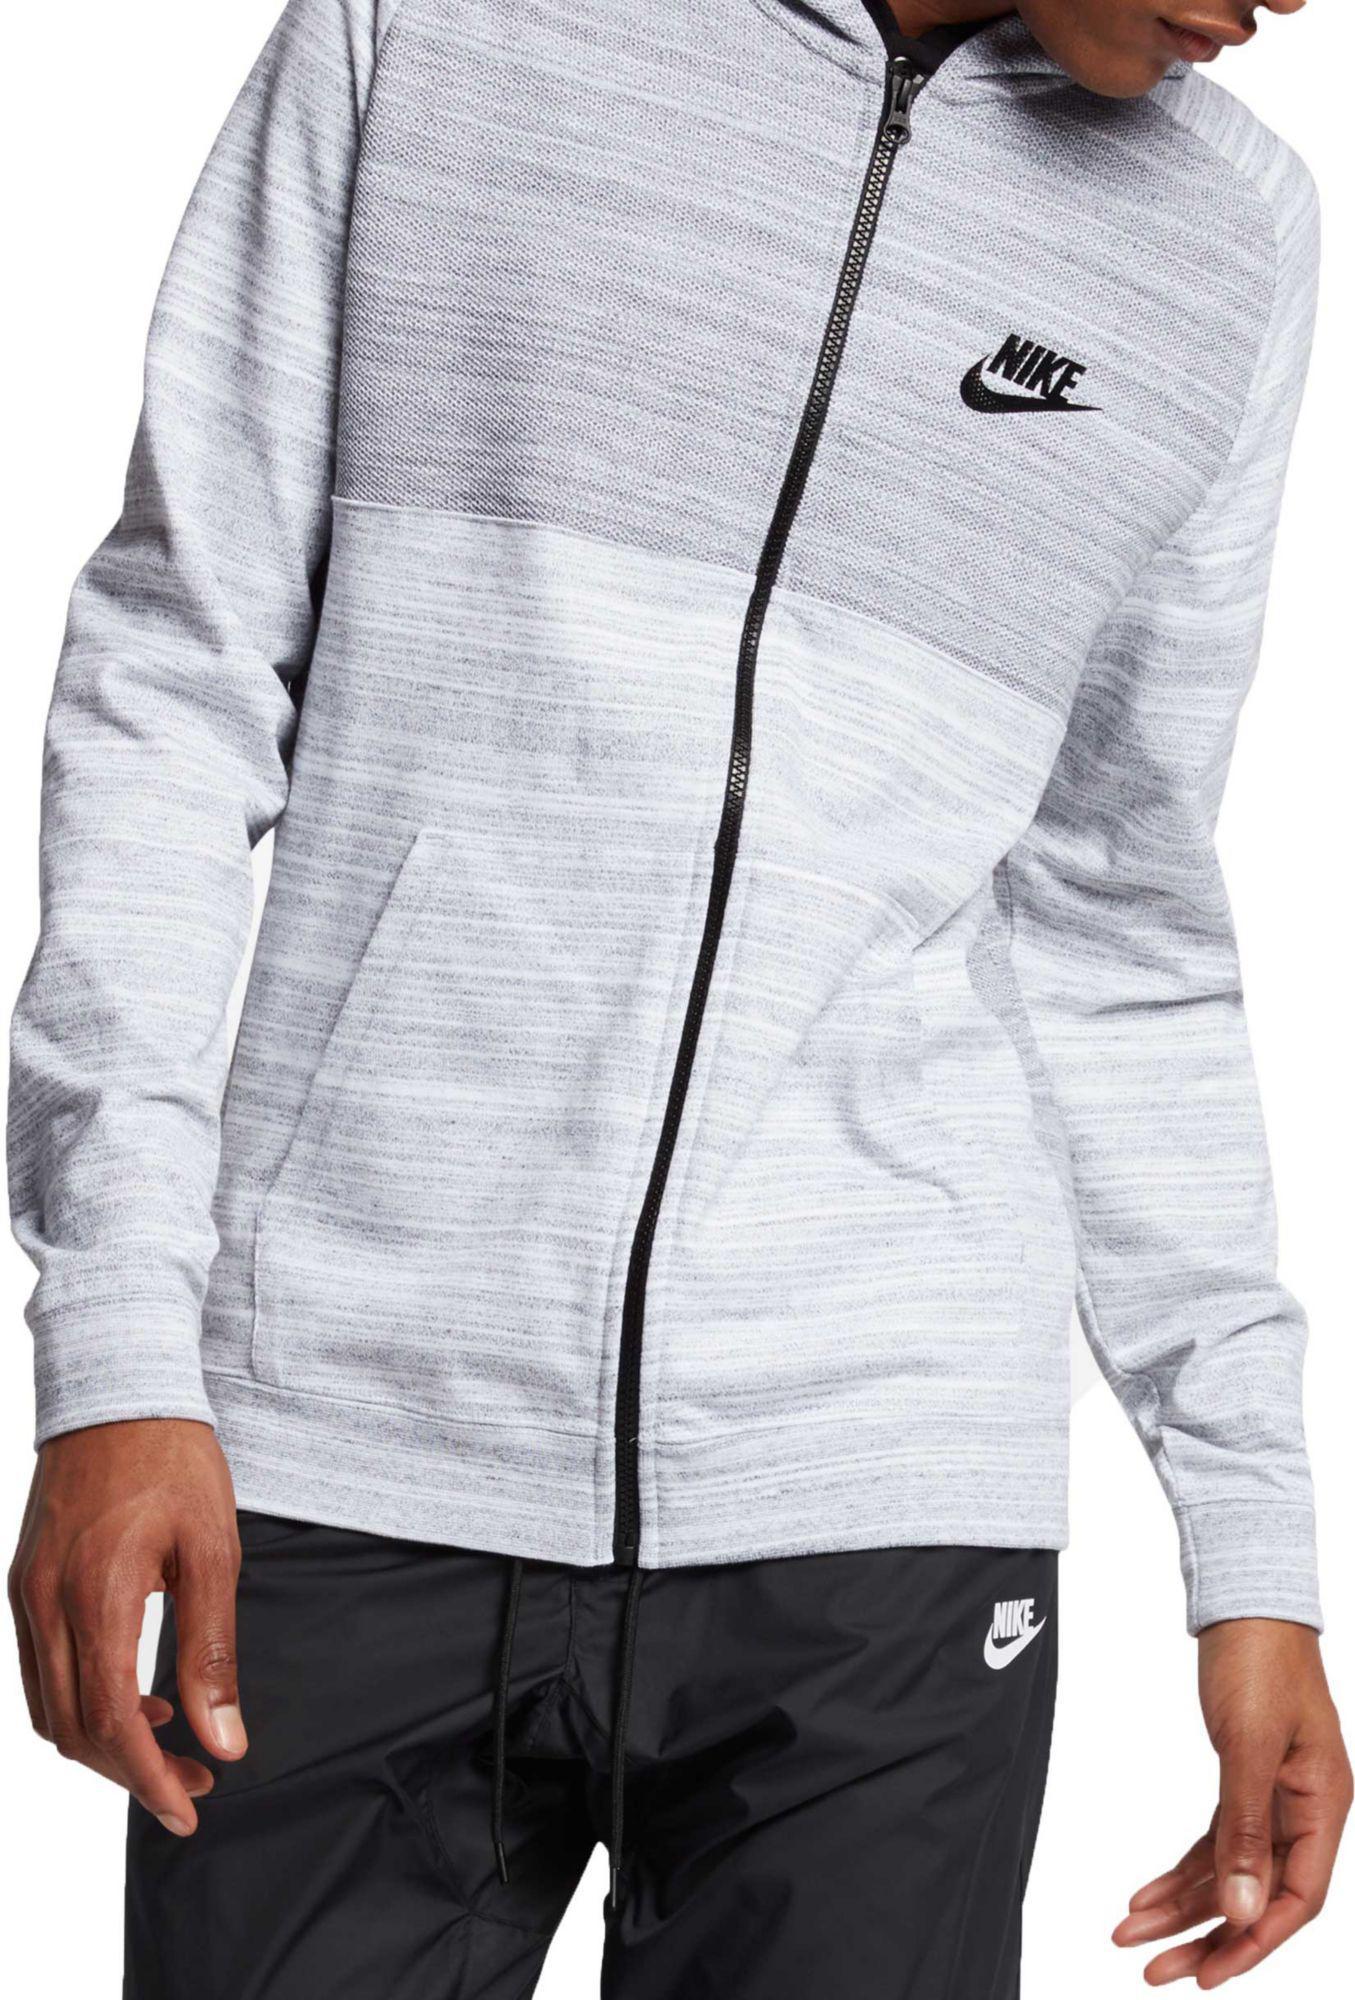 4966ae98a69c Lyst - Nike Sportswear Advance 15 Full-zip Knit Hoodie in White for Men